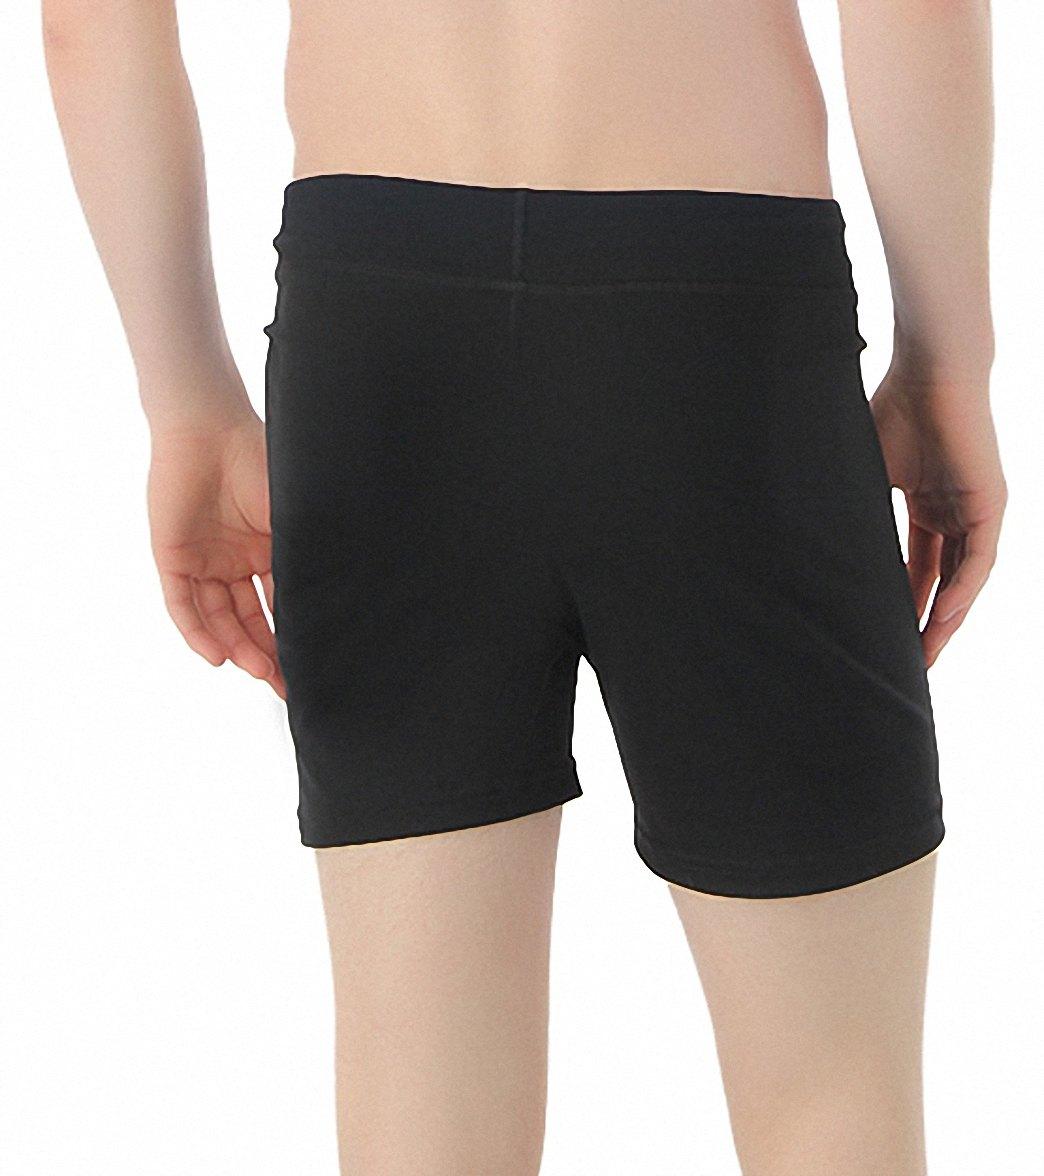 5d3678eae6 Prana Men's JD Yoga Shorts at YogaOutlet.com